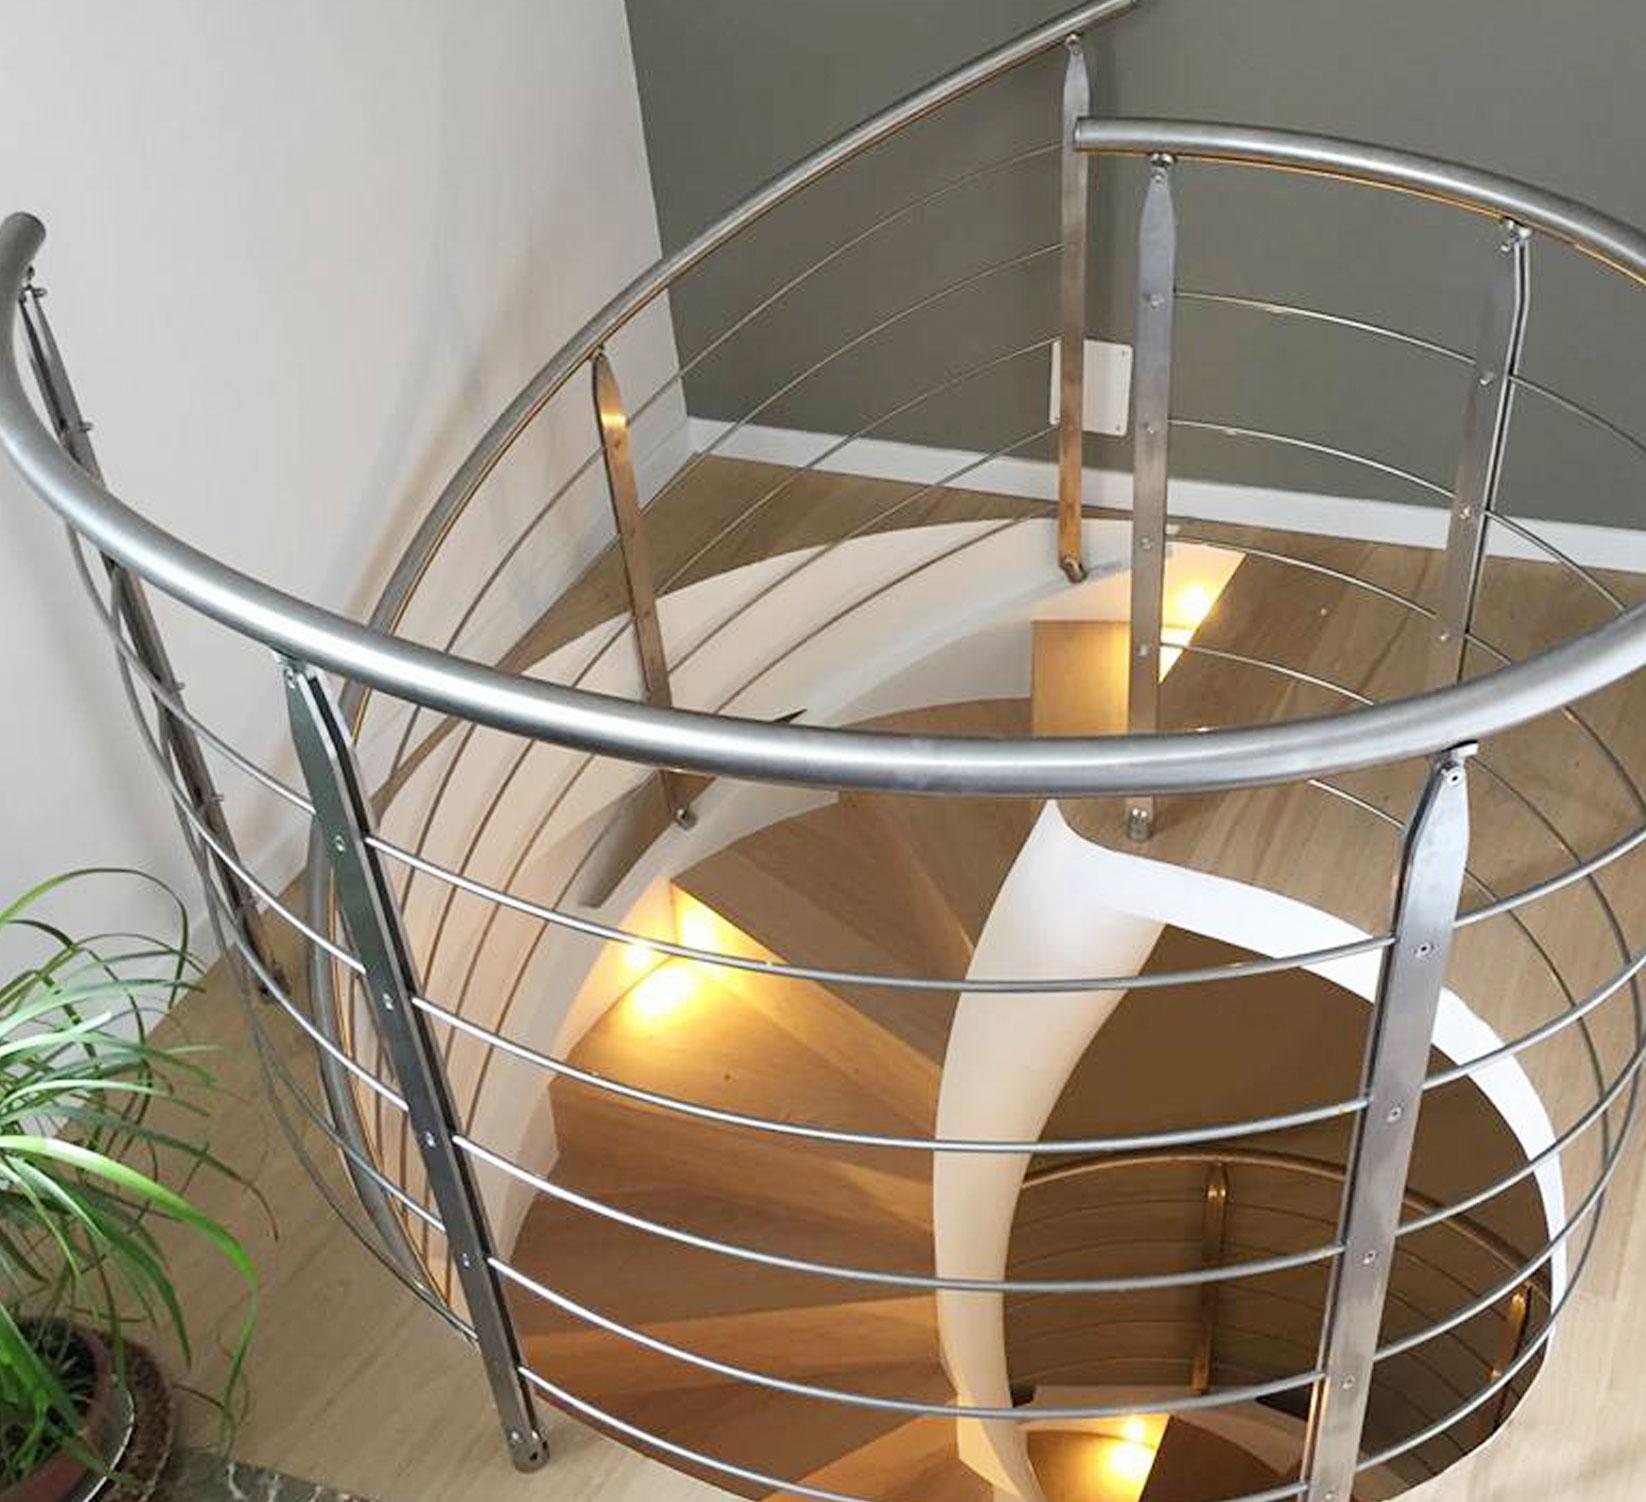 Geländer für Treppen in Innen- und Außenbereichen